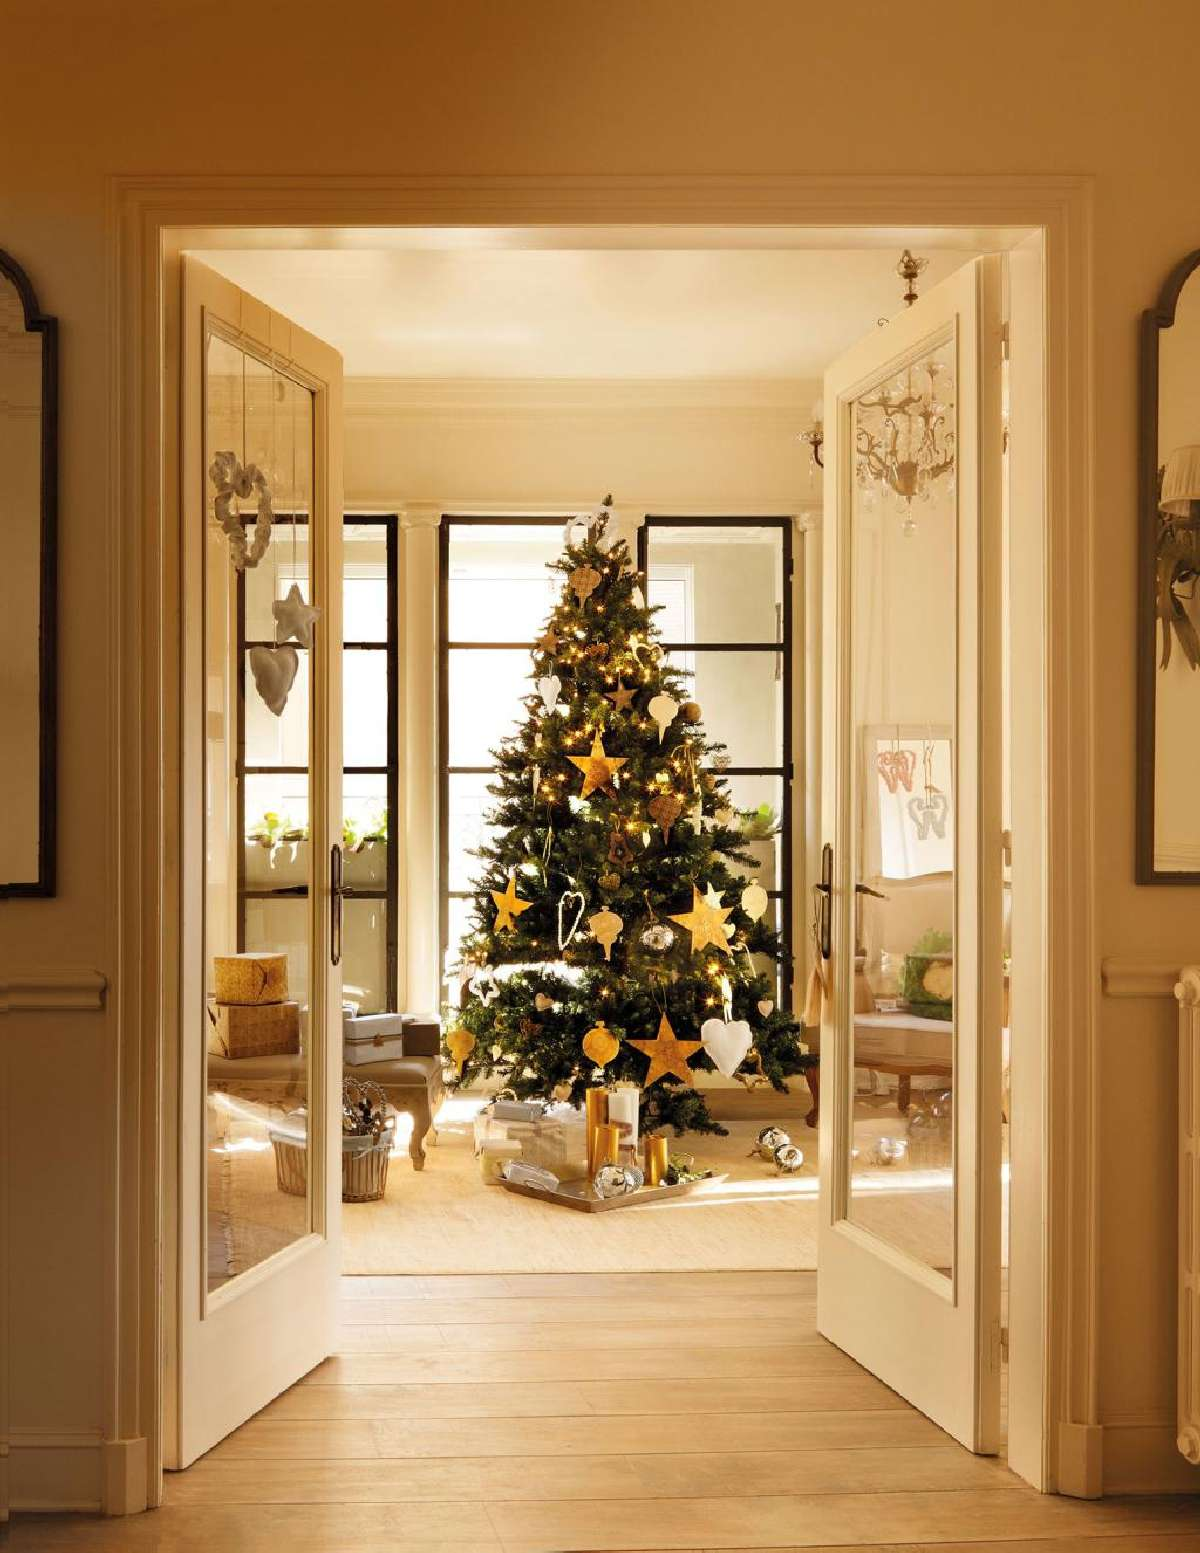 Sorprendentes ideas para decorar el árbol de Navidad 4